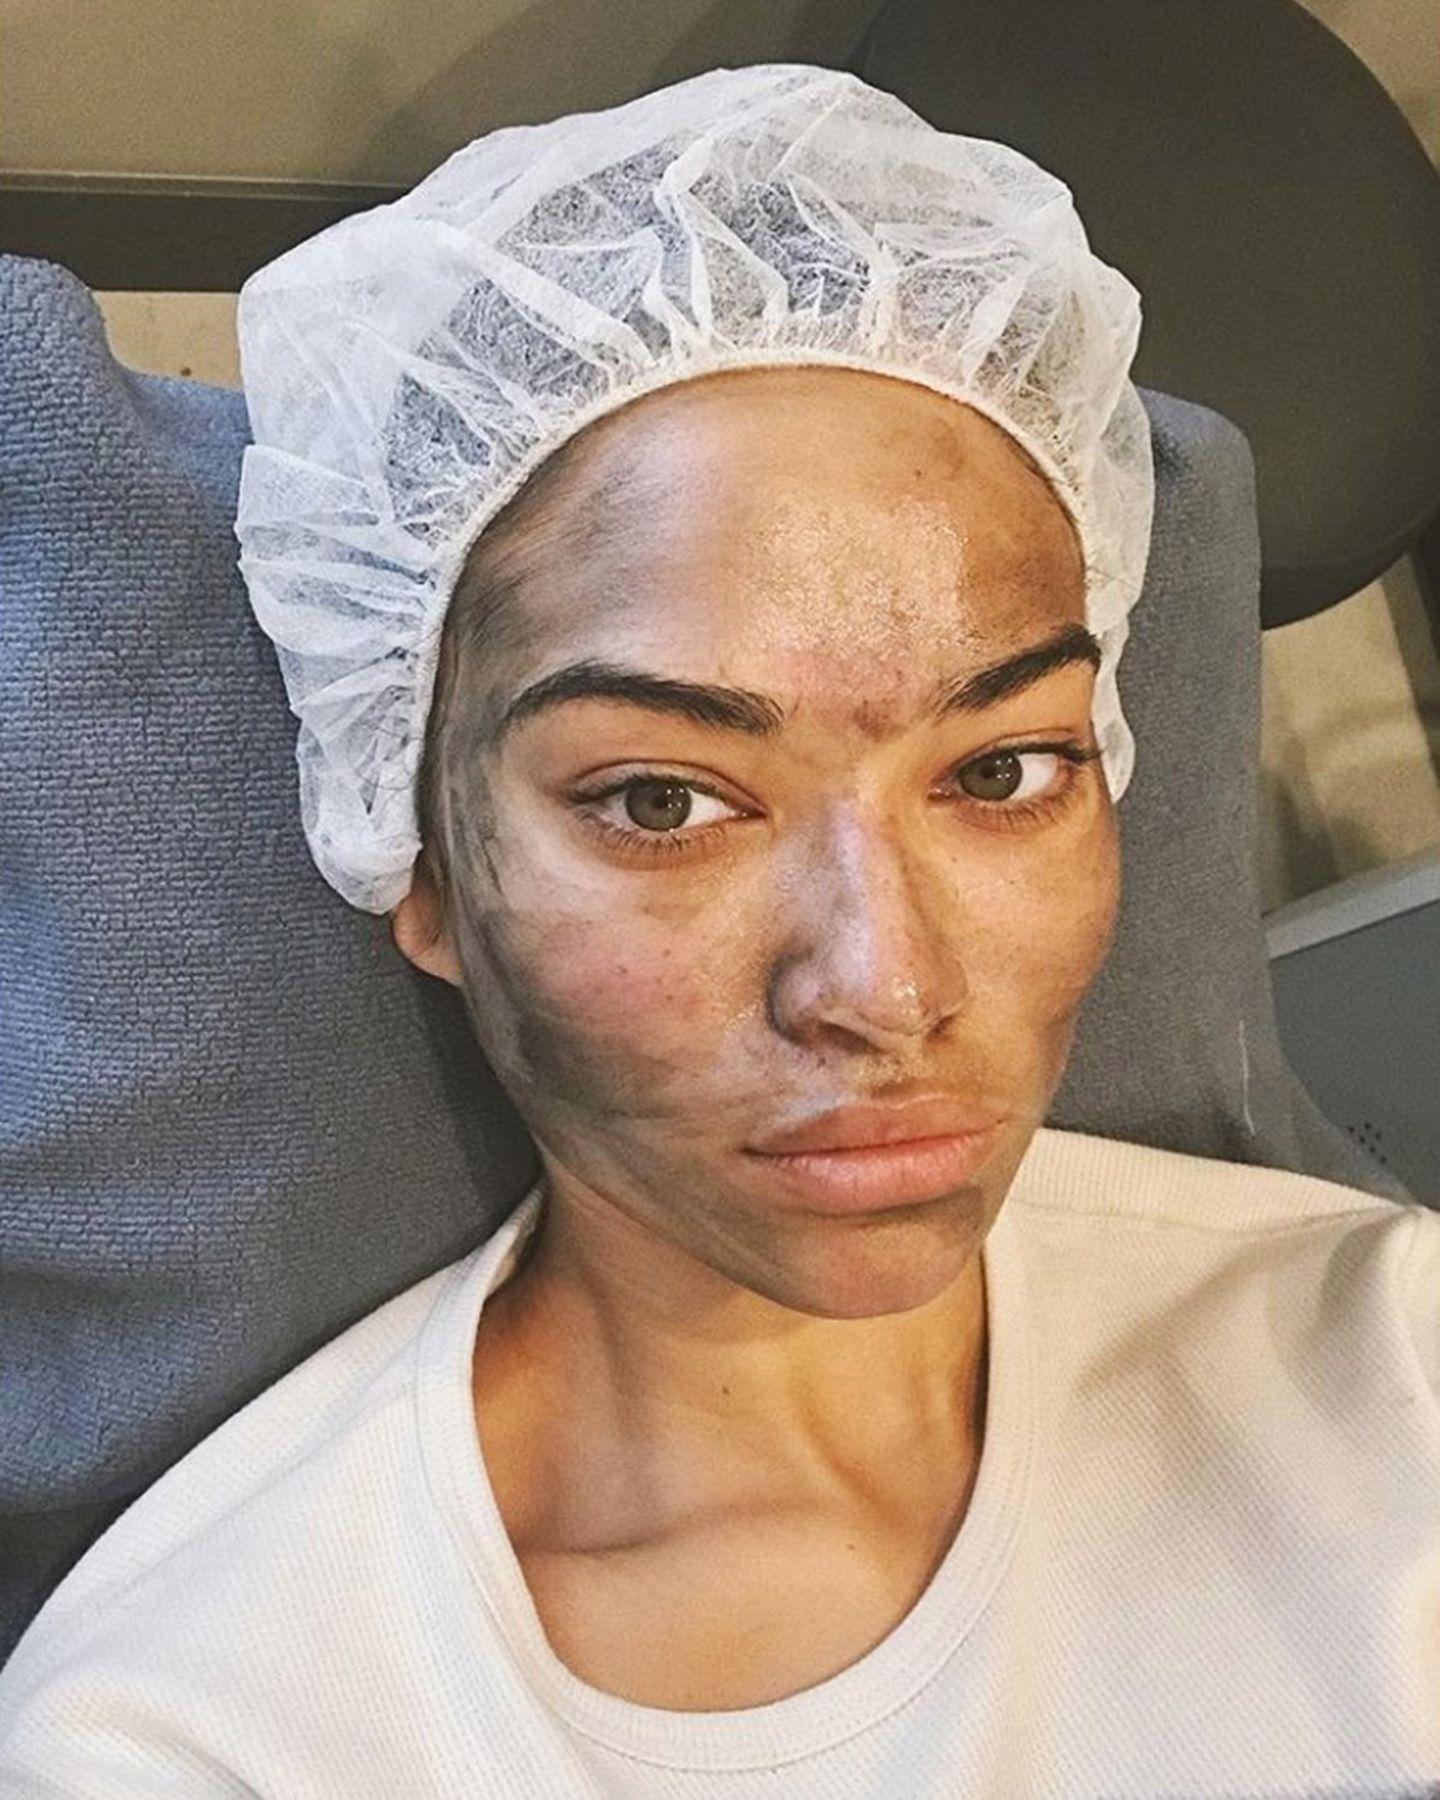 So verrust, wie die schöne Shanina nach ihrem Beauty-Treatment aussieht, war auch Kohle im Spiele. Genaue Rezepturen bleiben natürlich das Geheimnis der Salons.